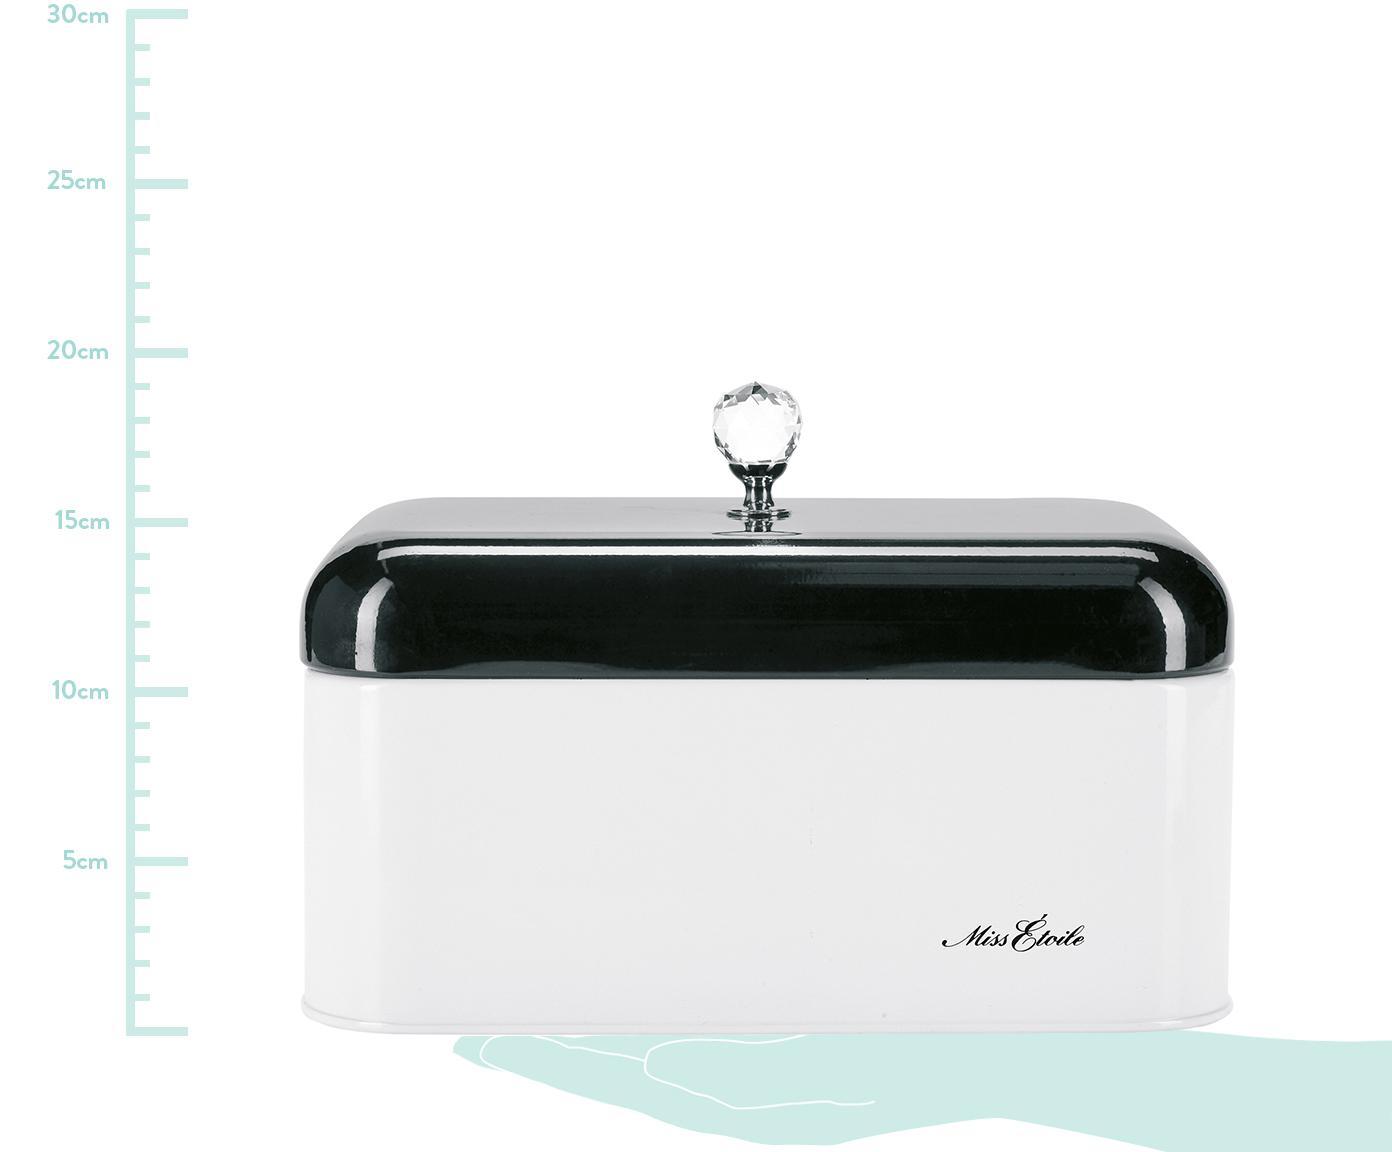 Brotkasten Diamond Knob mit Diamantenknauf, Schwarz, Weiß, B 31 x T 15 cm